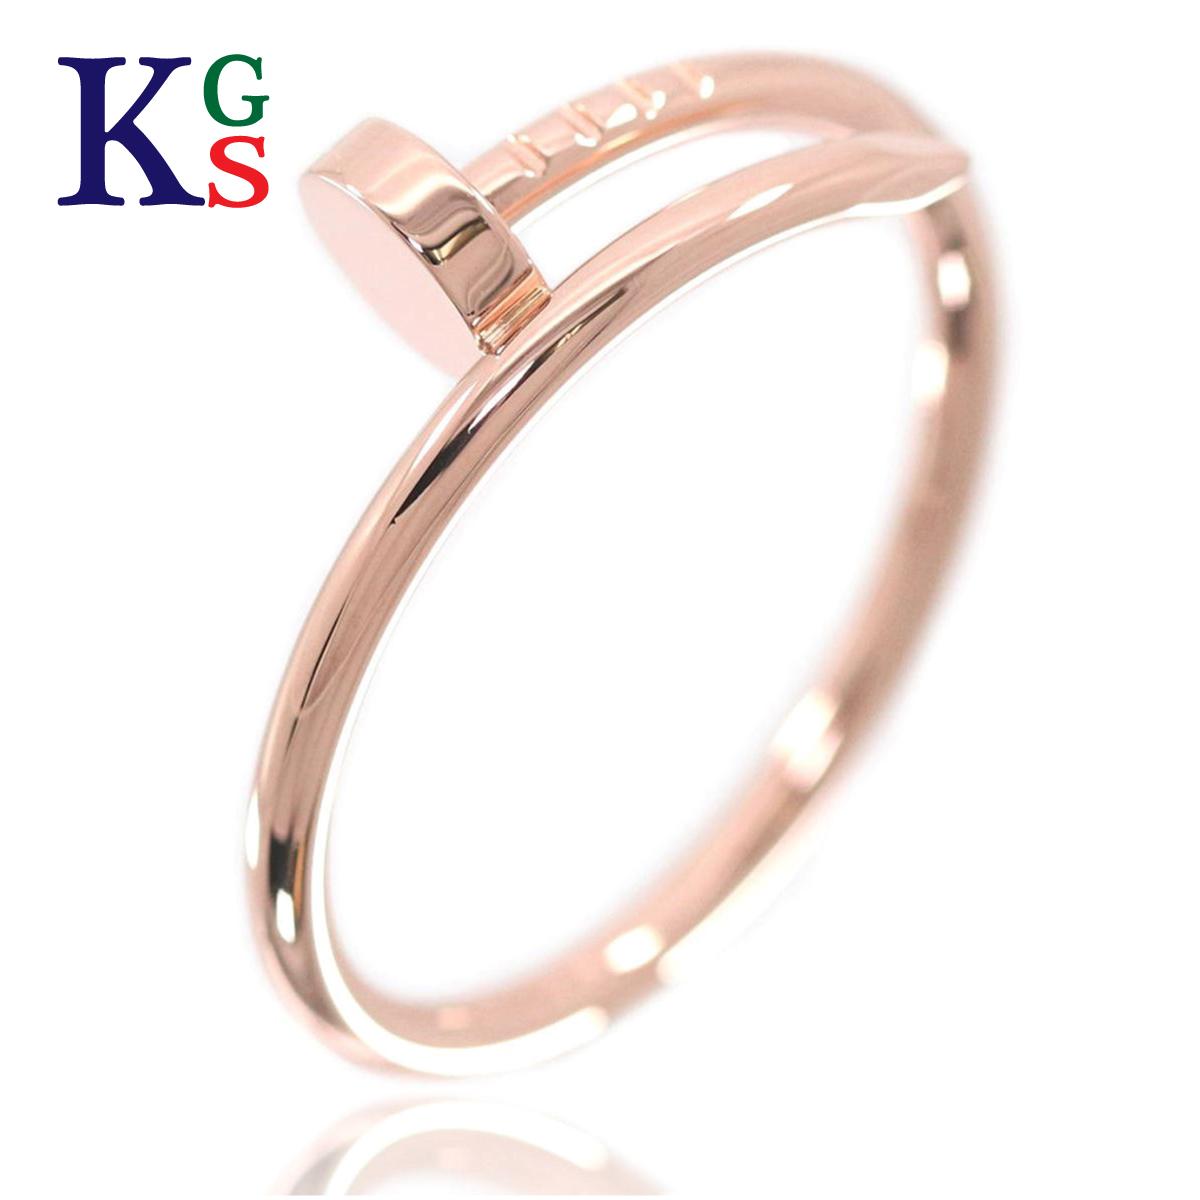 【ギフト品質】【名入れ】【6号-23号】カルティエ/Cartier / ジュストアンクルリング 釘モチーフ / レディース ジュエリー 指輪 / K18PG ピンクゴールド 1227